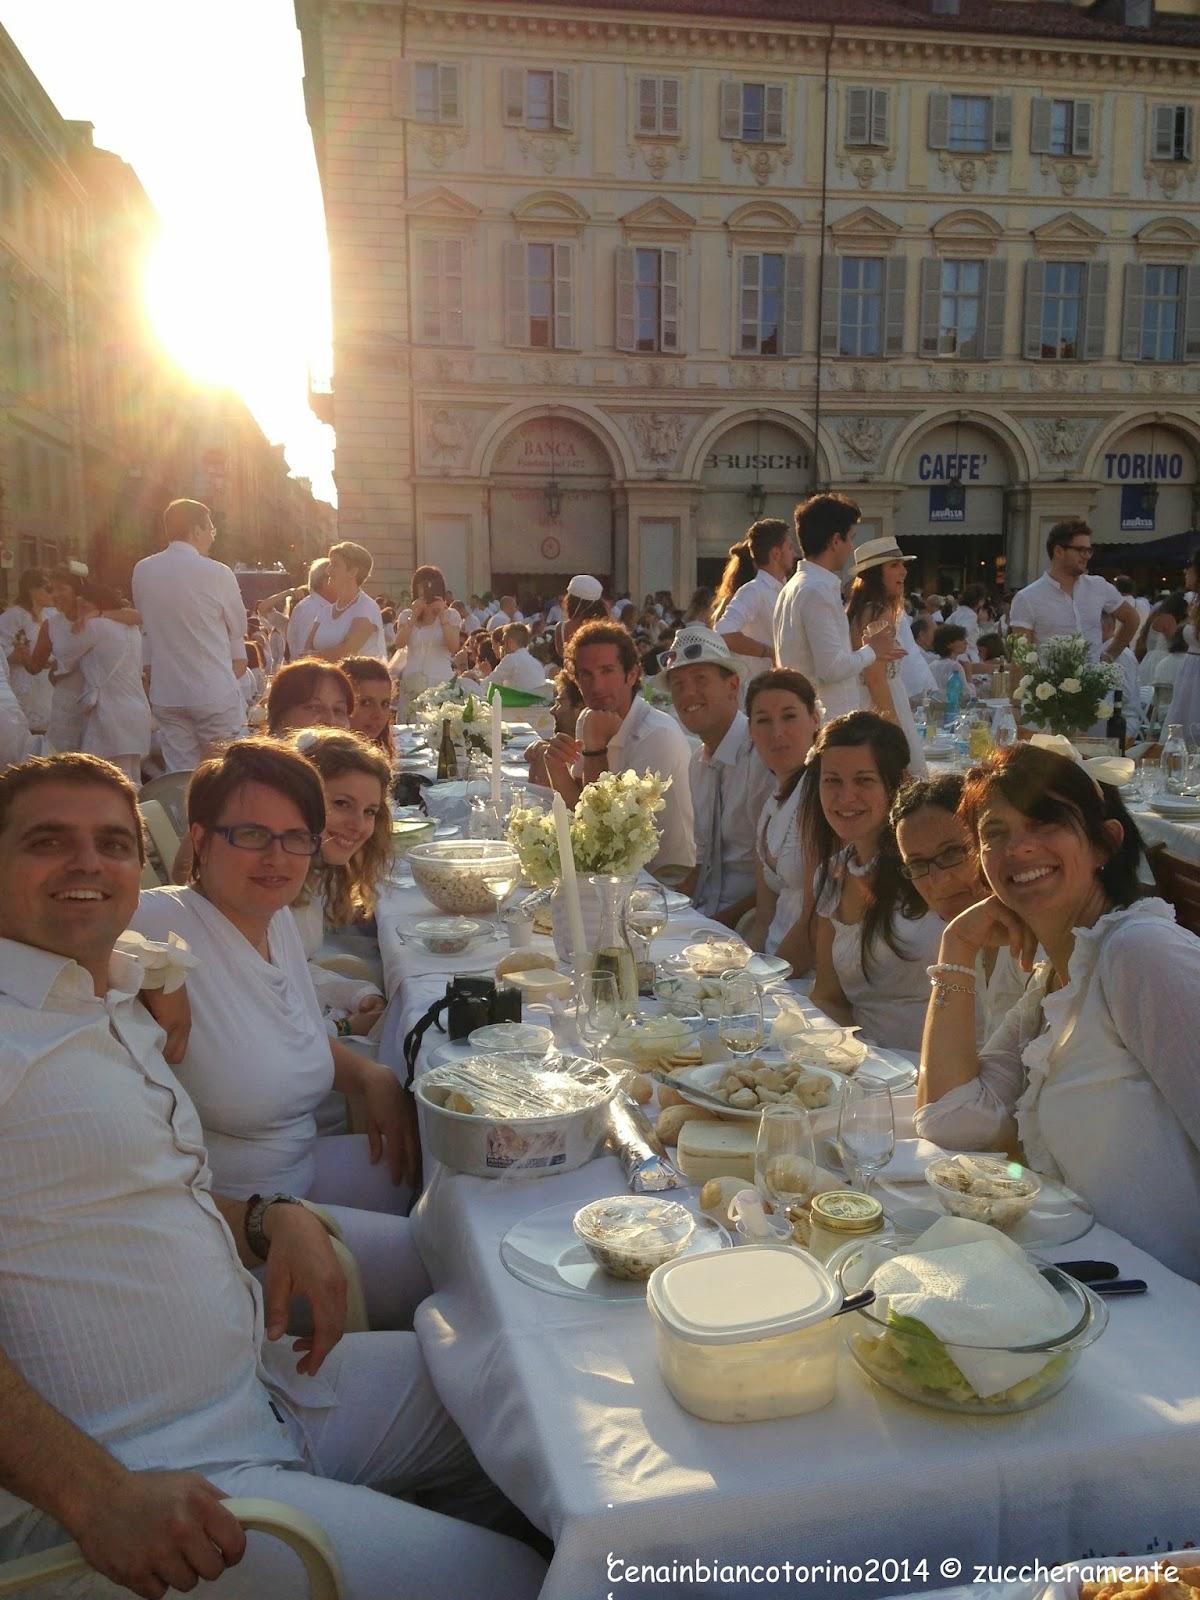 cena in bianco 2014: 11.431 protagonisti di bianco vestiti